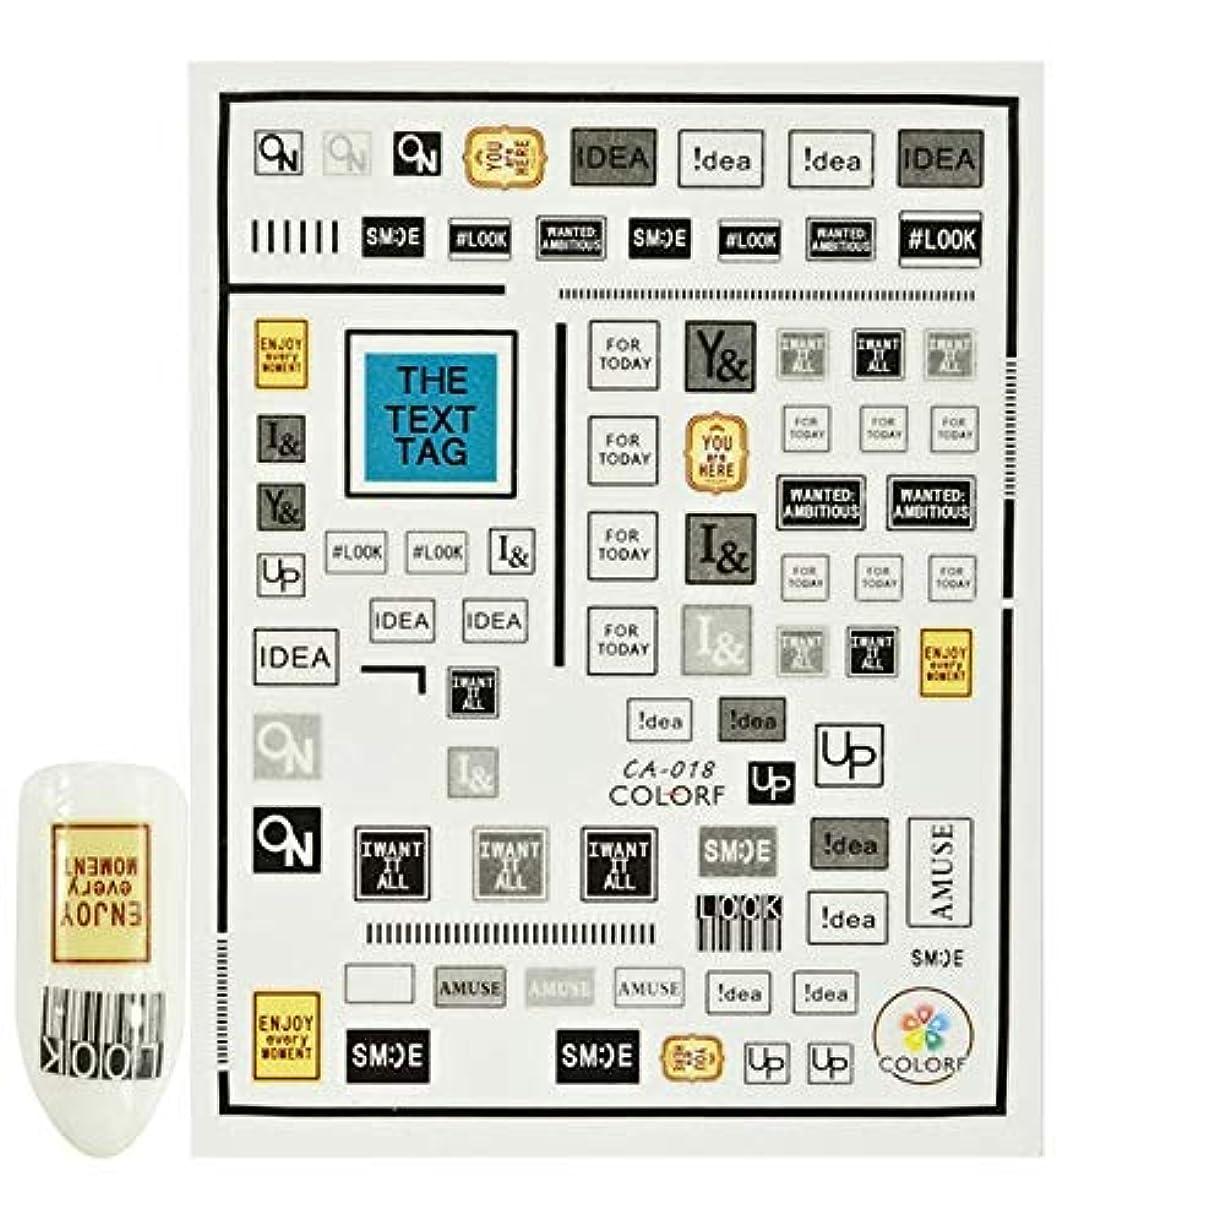 ブラインド割る見せますSUKTI&XIAO ネイルステッカー 1ピース英語レターフラワーリトルエレメントハートネイルアートステッカーデカールヒントツール3dラップdiyマニキュアスライダーインテリア